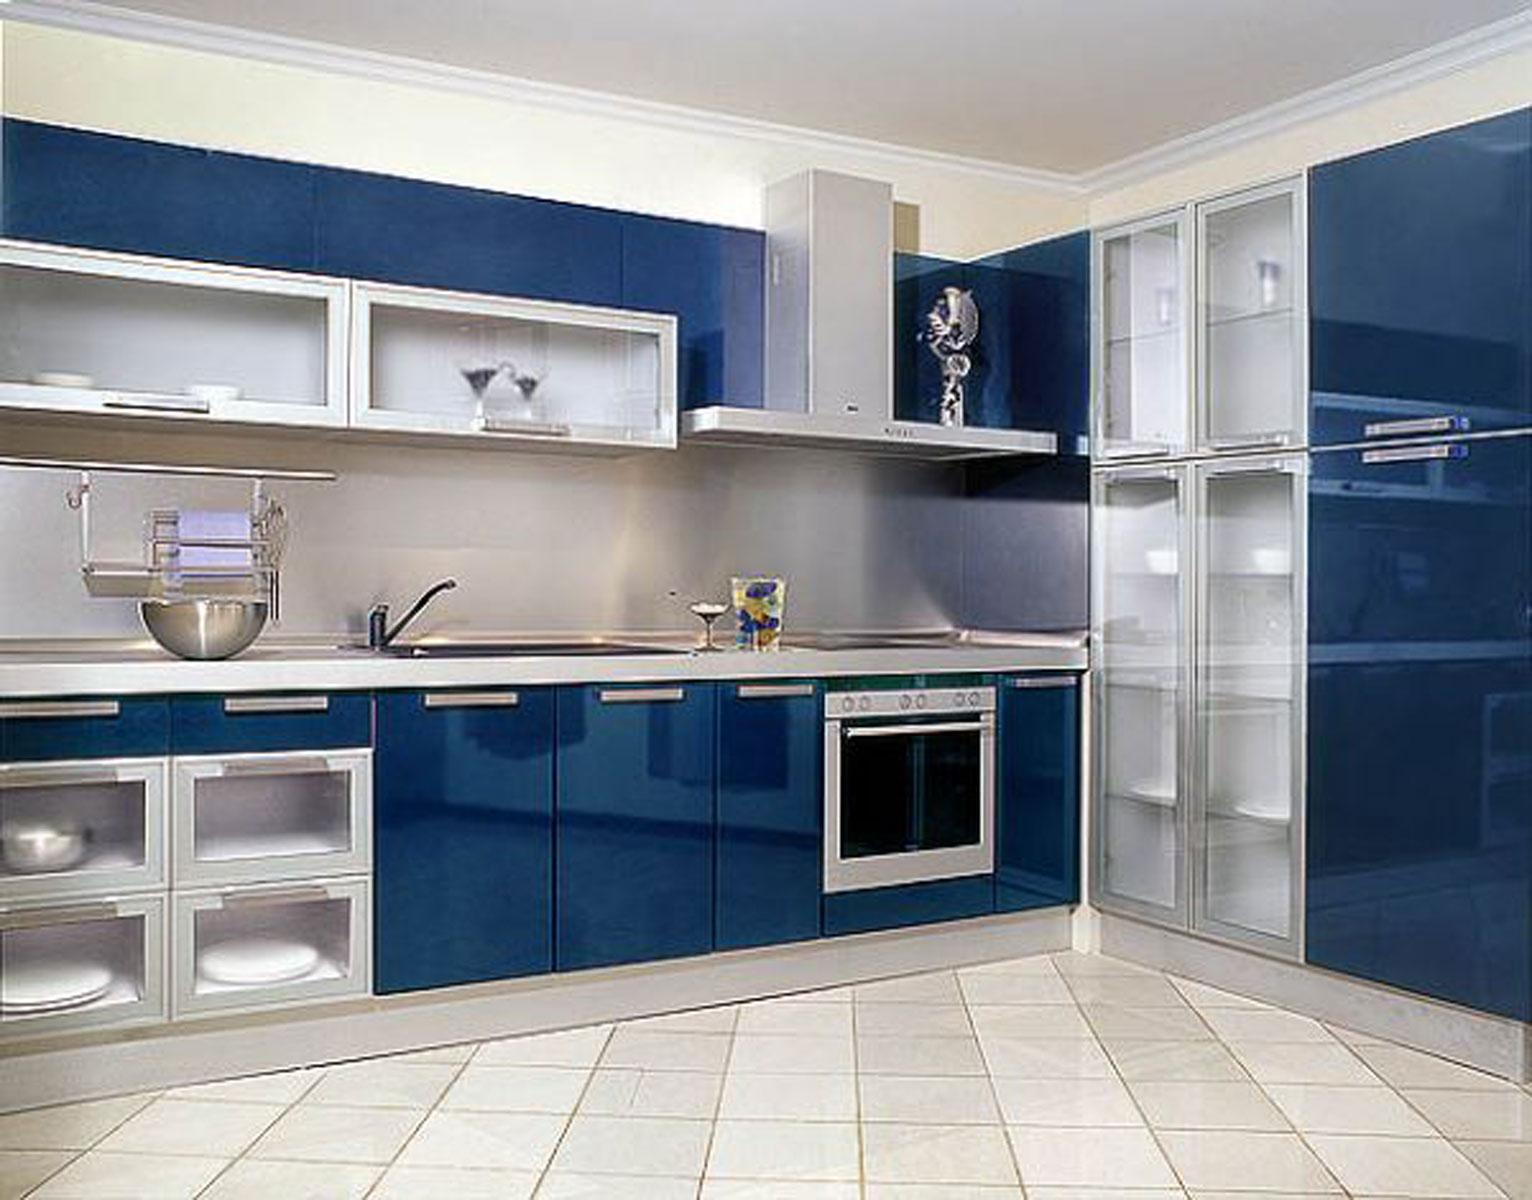 Лучшая мебель в ростове-на-дону - кухни на заказ. фото идеи .